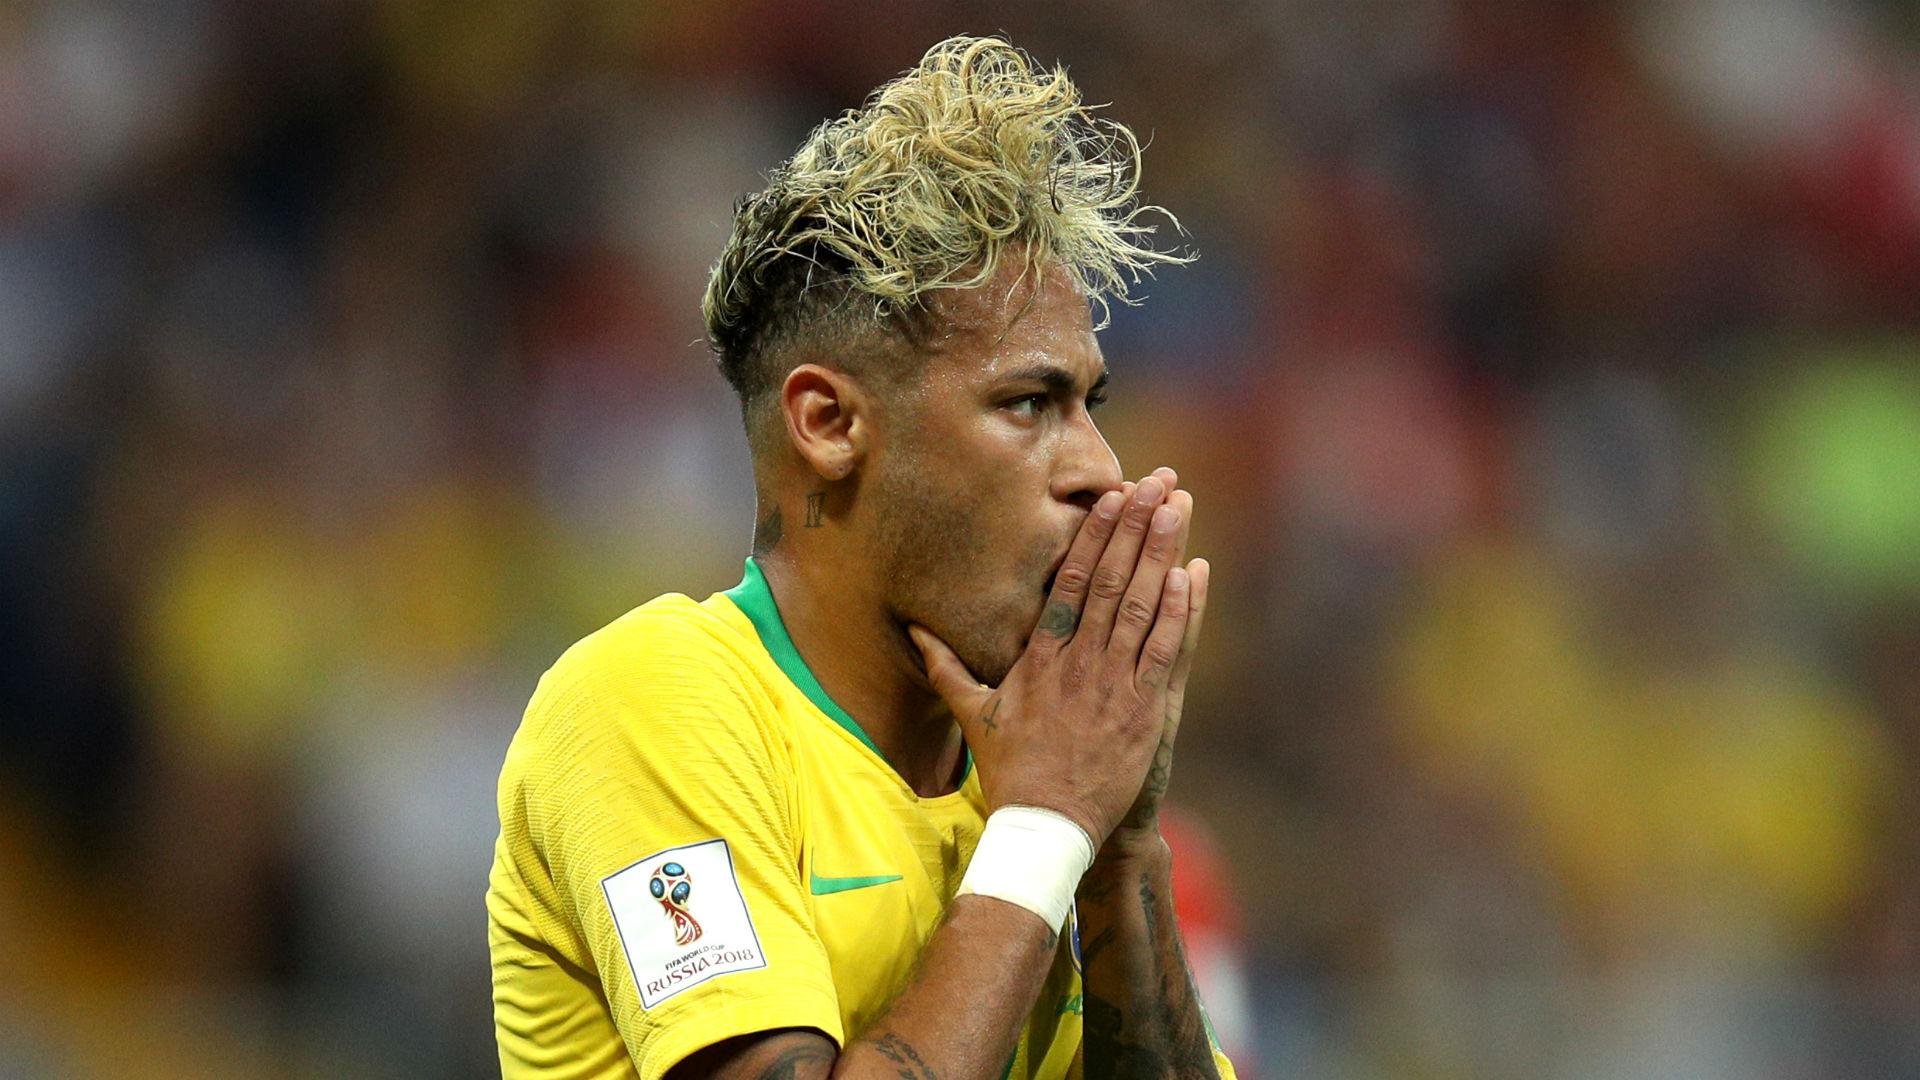 Neymar-cropped_16r5y6knxgw9s1d8koveuvxrcr